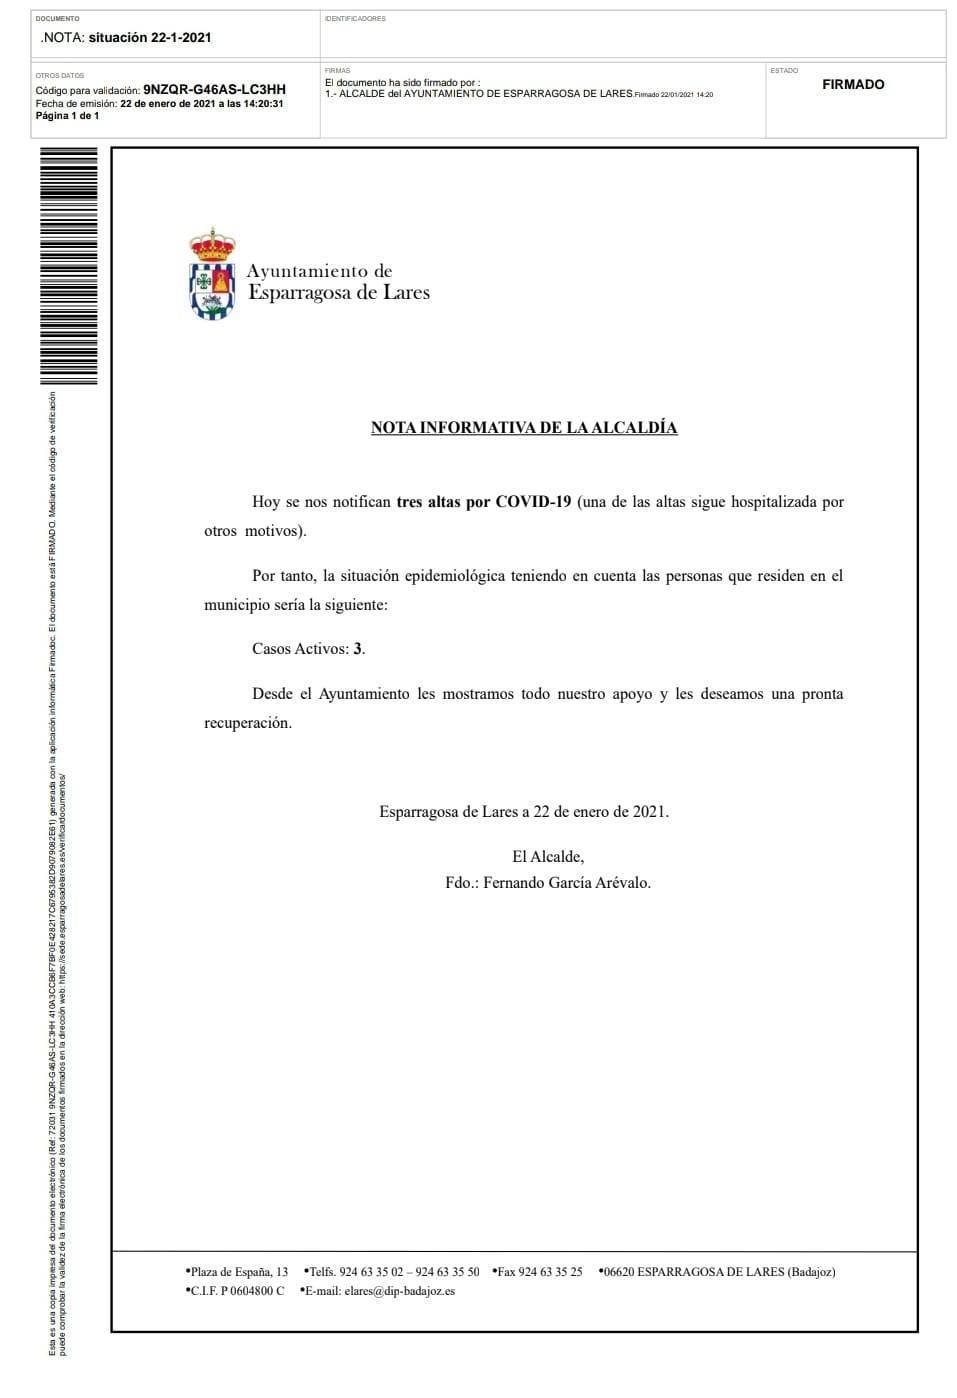 3 casos positivos activos de COVID-19 (enero 2021) - Esparragosa de Lares (Badajoz)